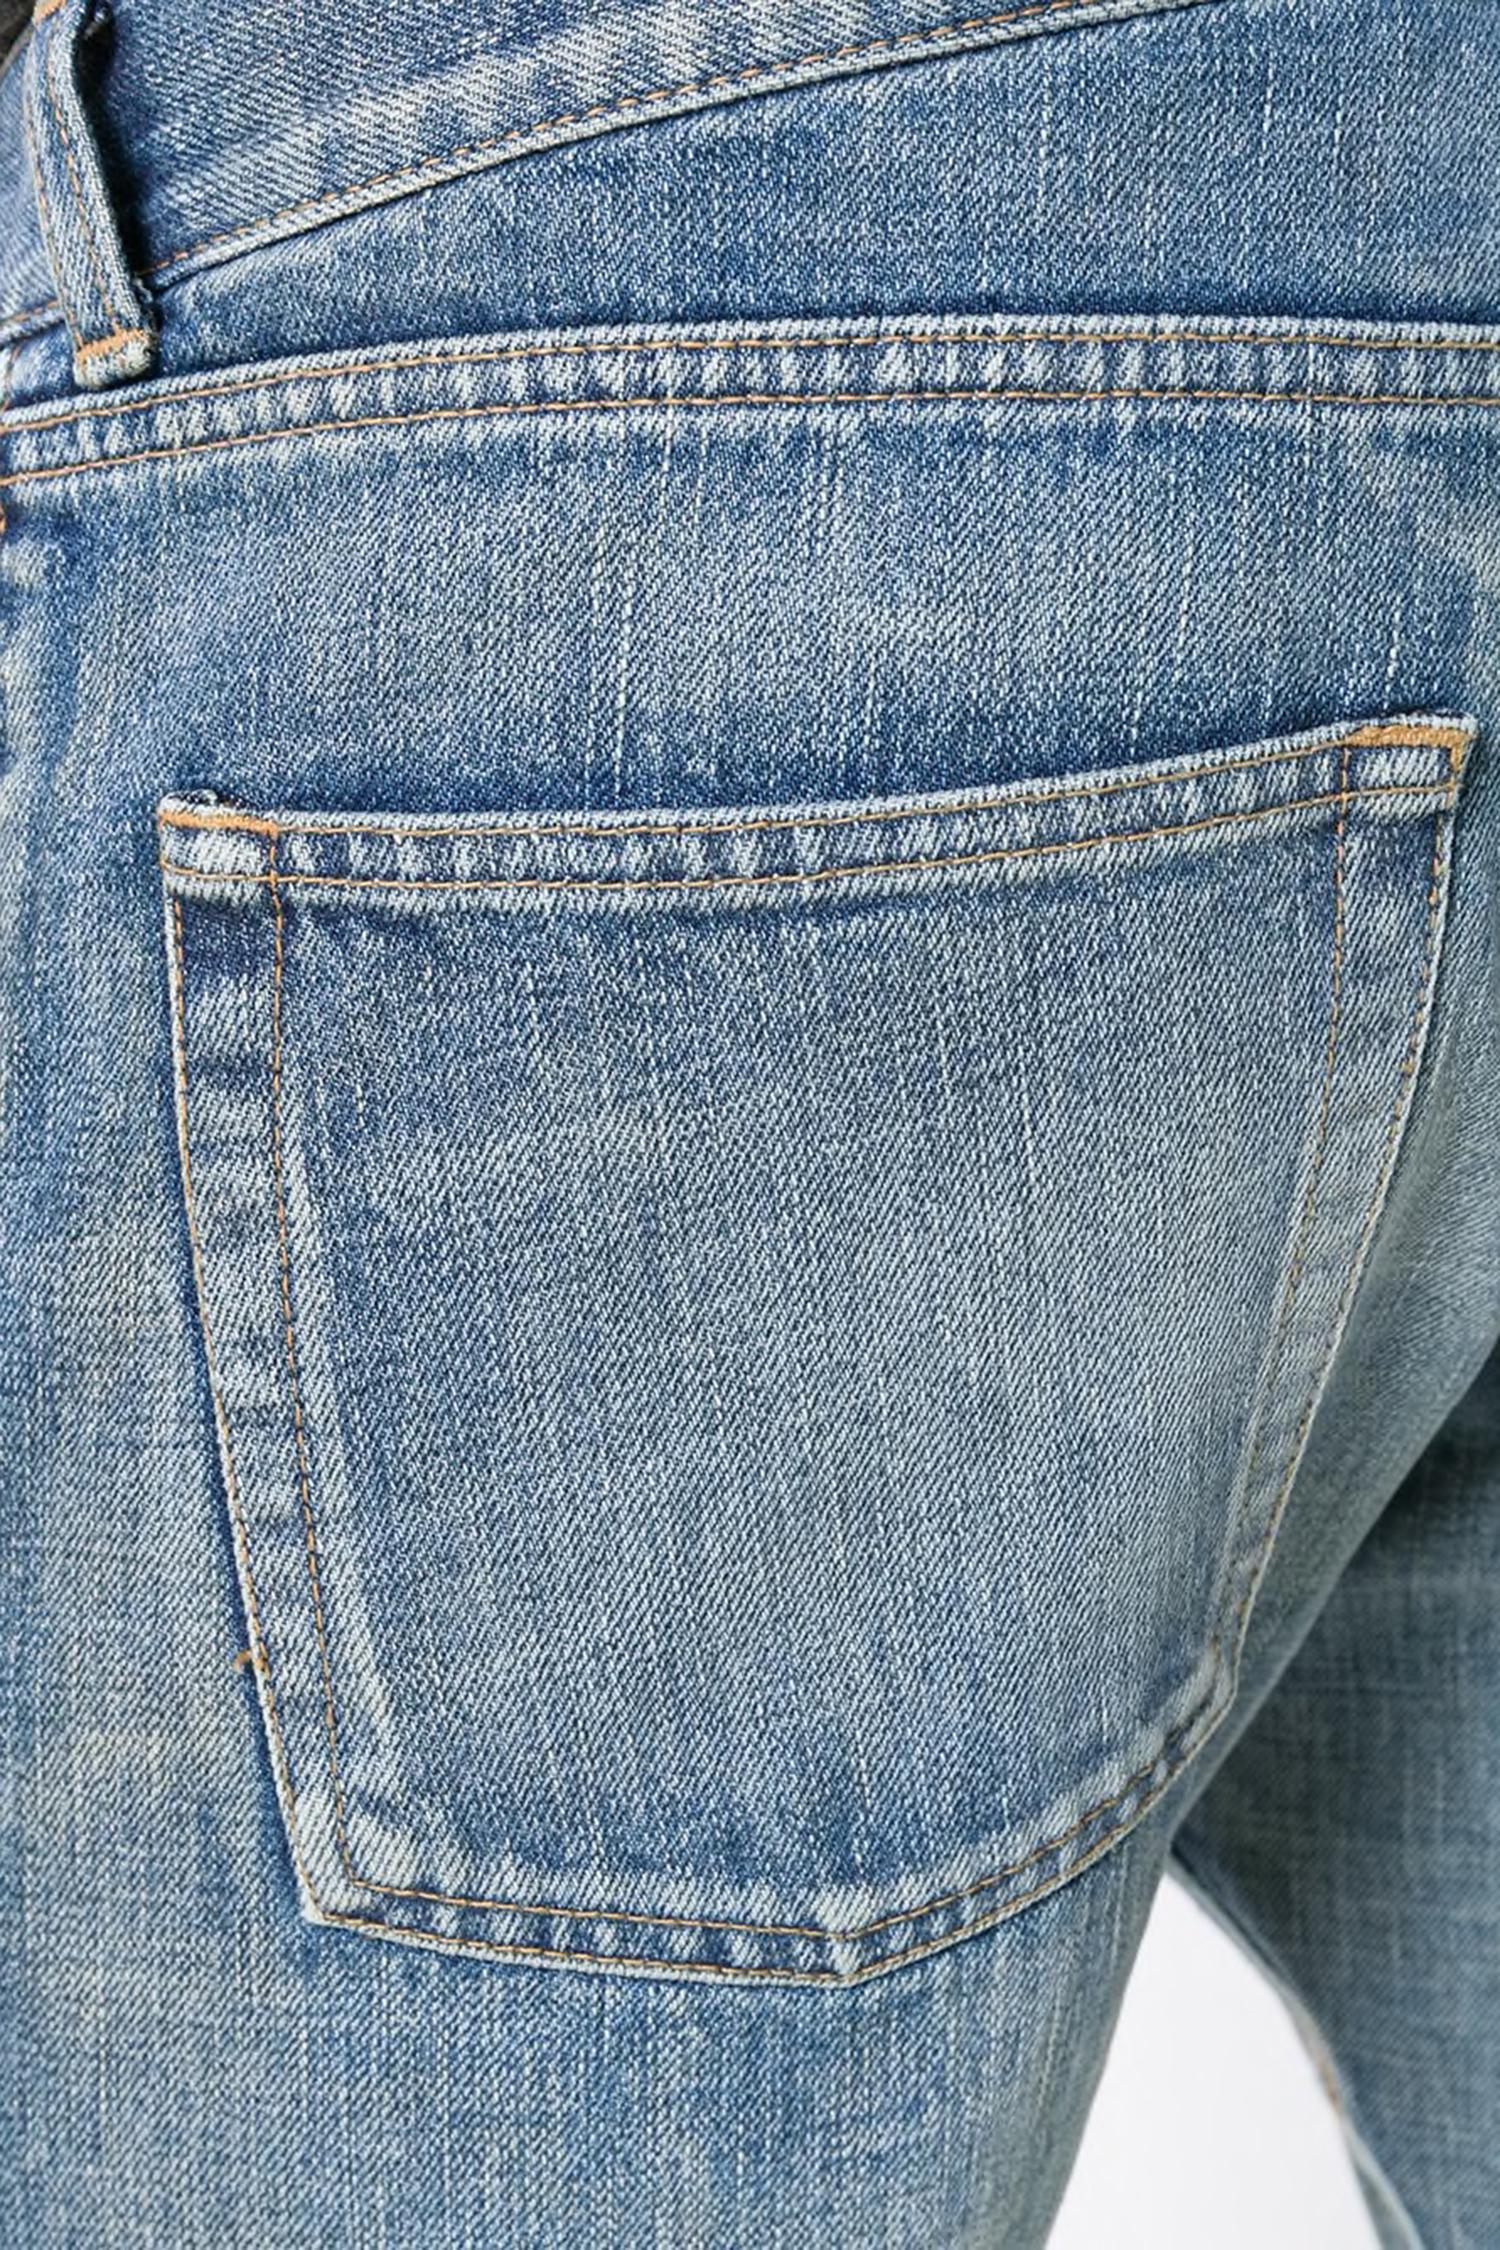 c312e64ffd5 ... Saint Laurent Прямые джинсы